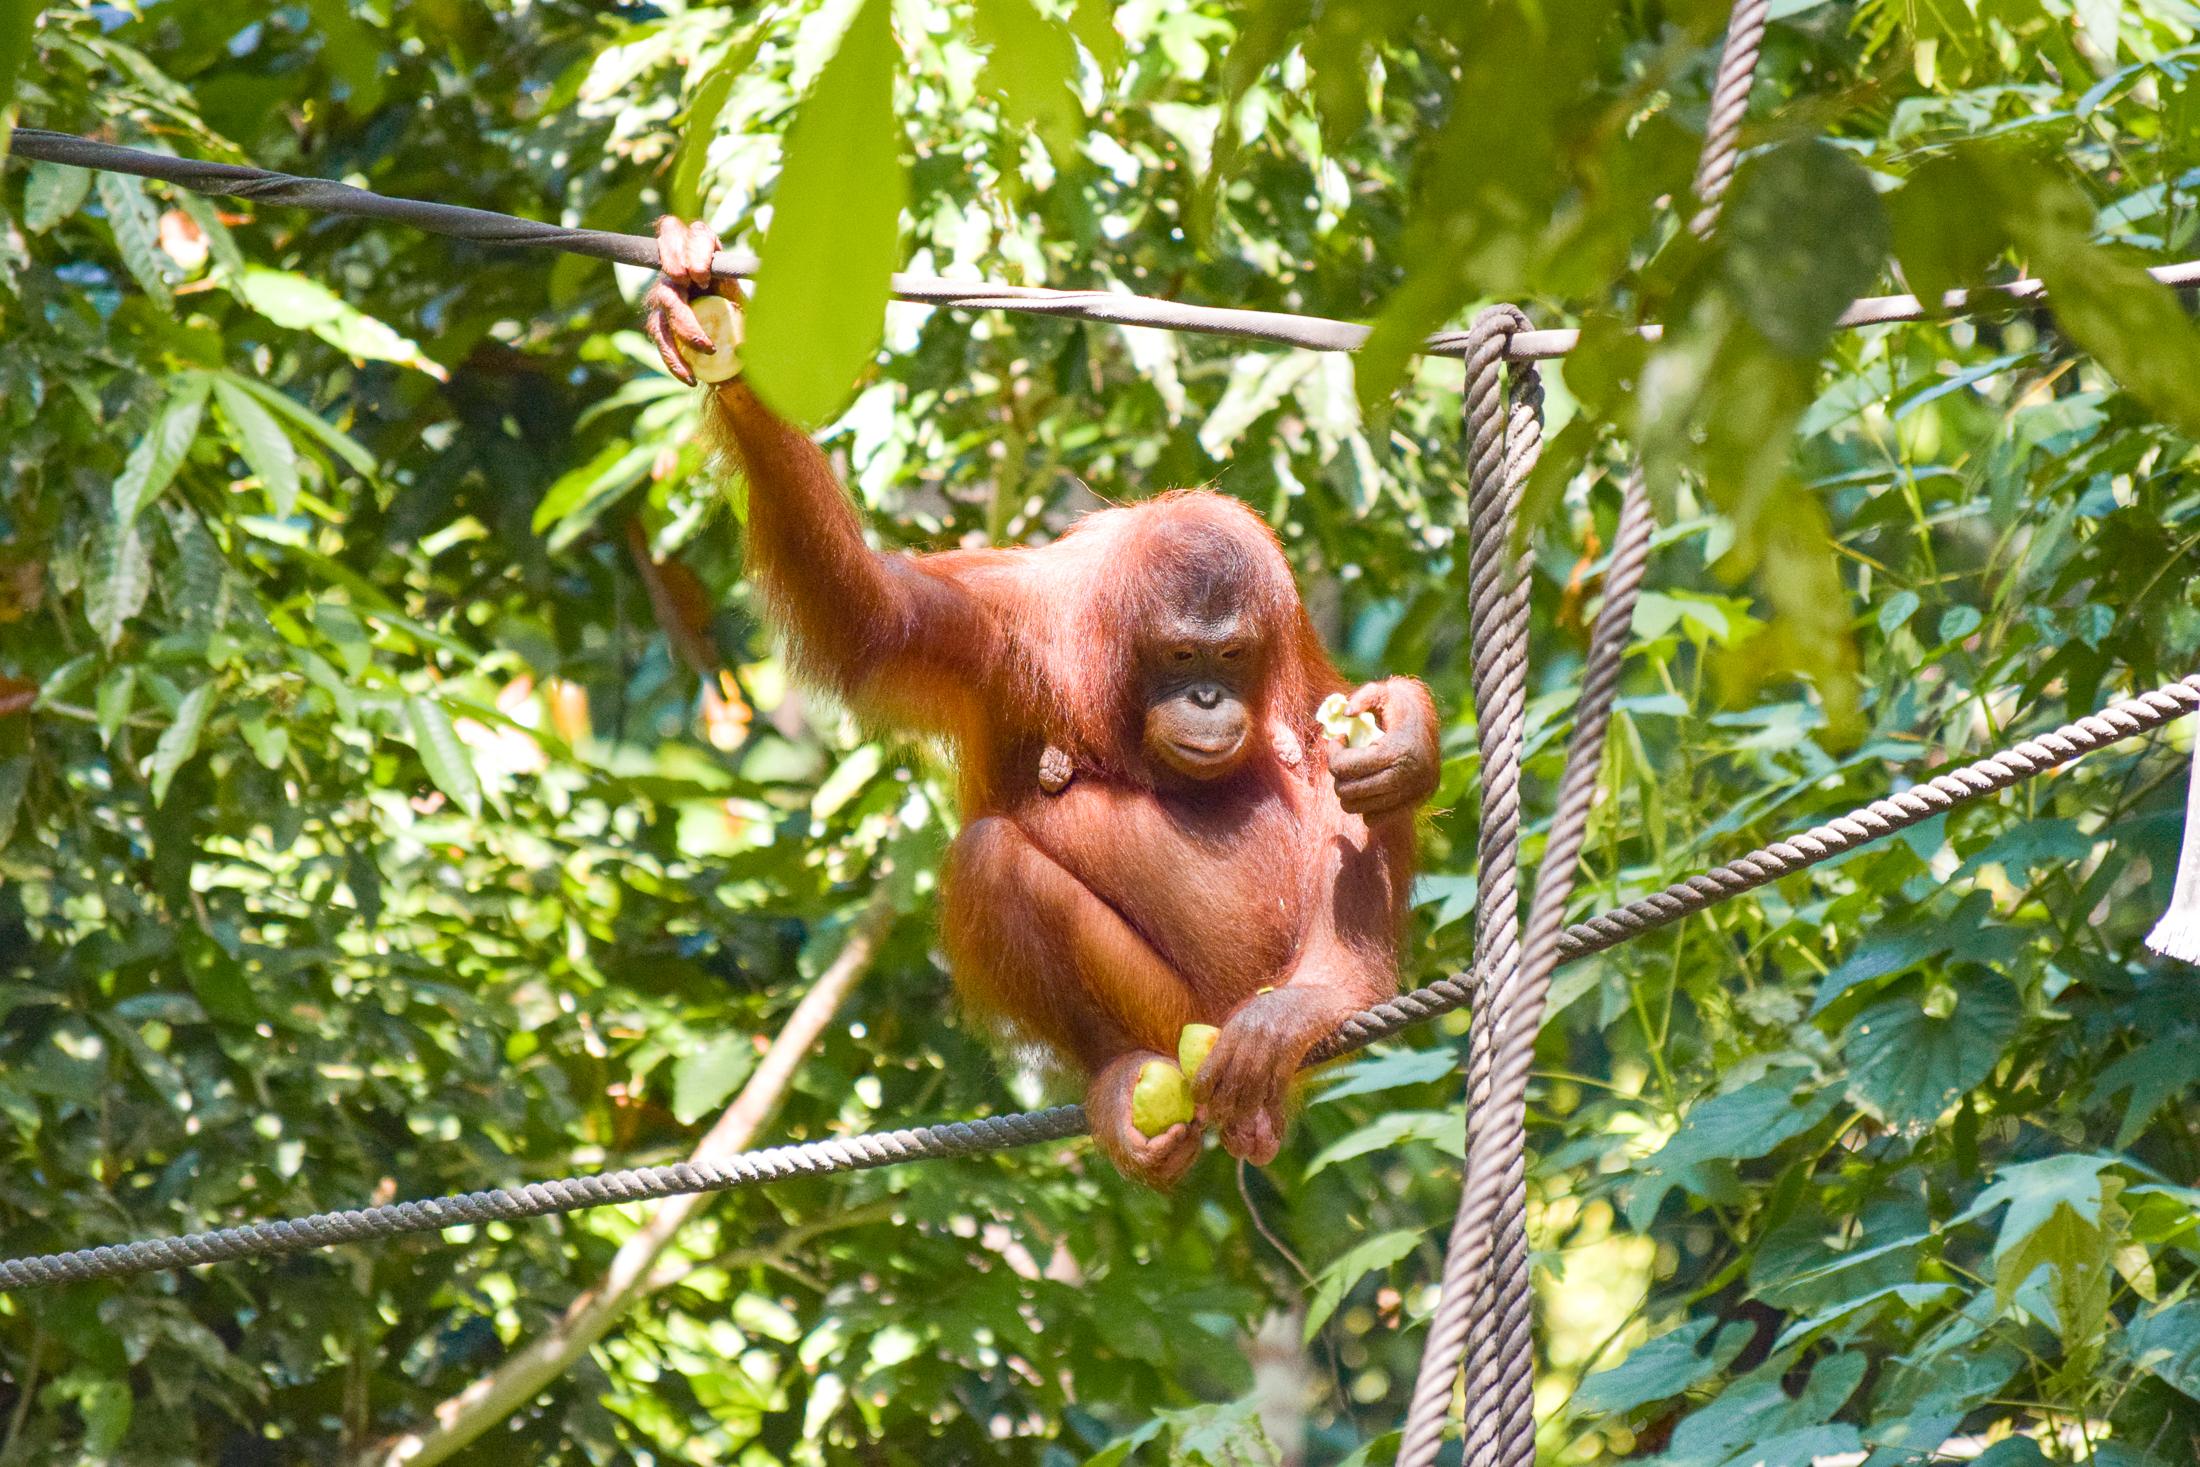 Vild orangutang sitter och äter frukt.